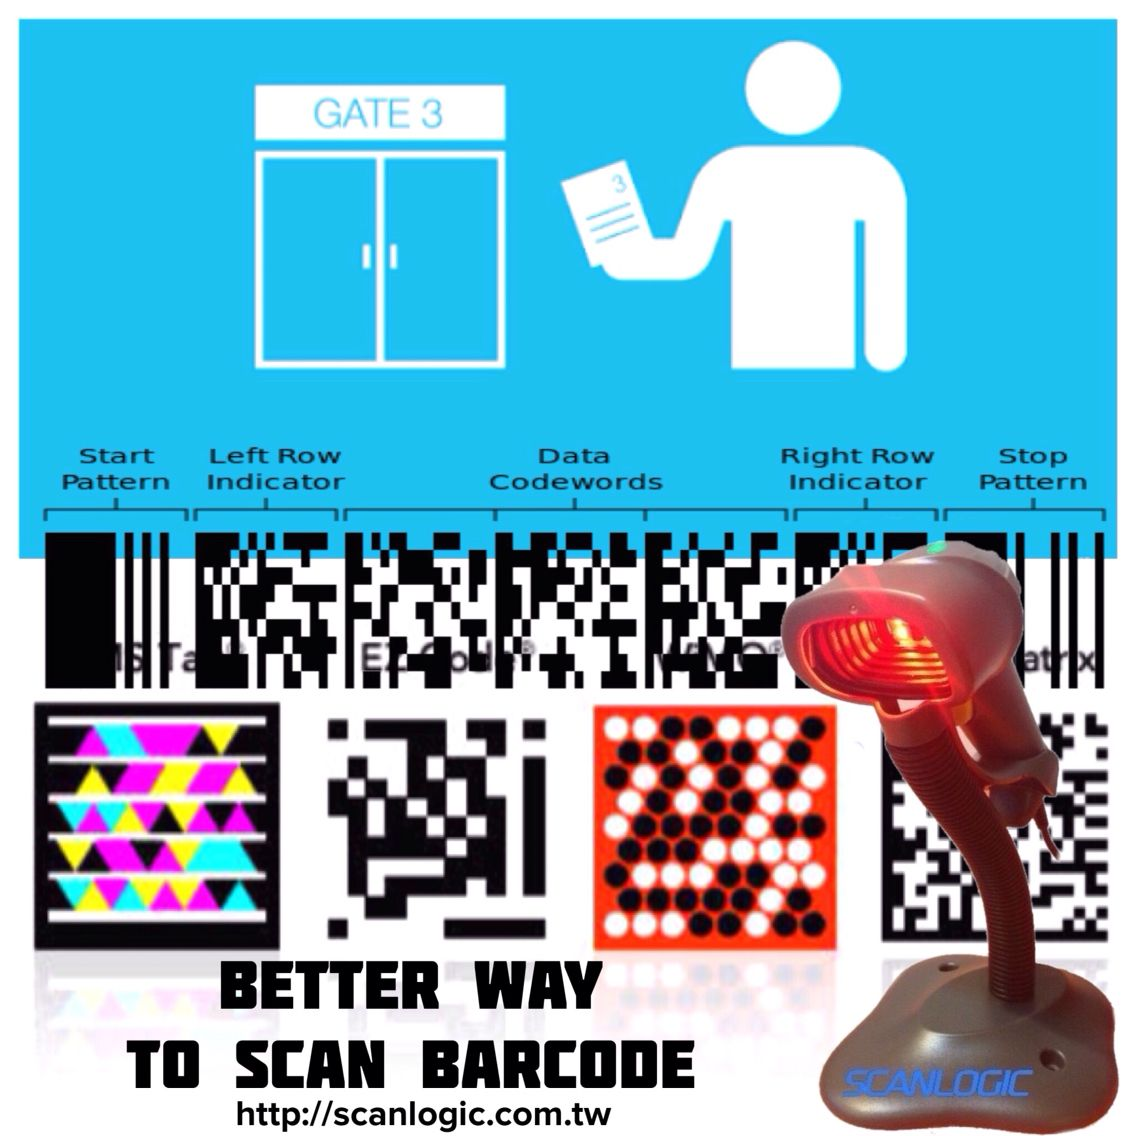 2d Barcode Scanner Untuk Support Berbagai Macam Aplikasi Salah Satunya Adalah Teknologi Barcode 2 Dimensi Uang Digunakan Dalam Bidang Transp Aplikasi Teknologi